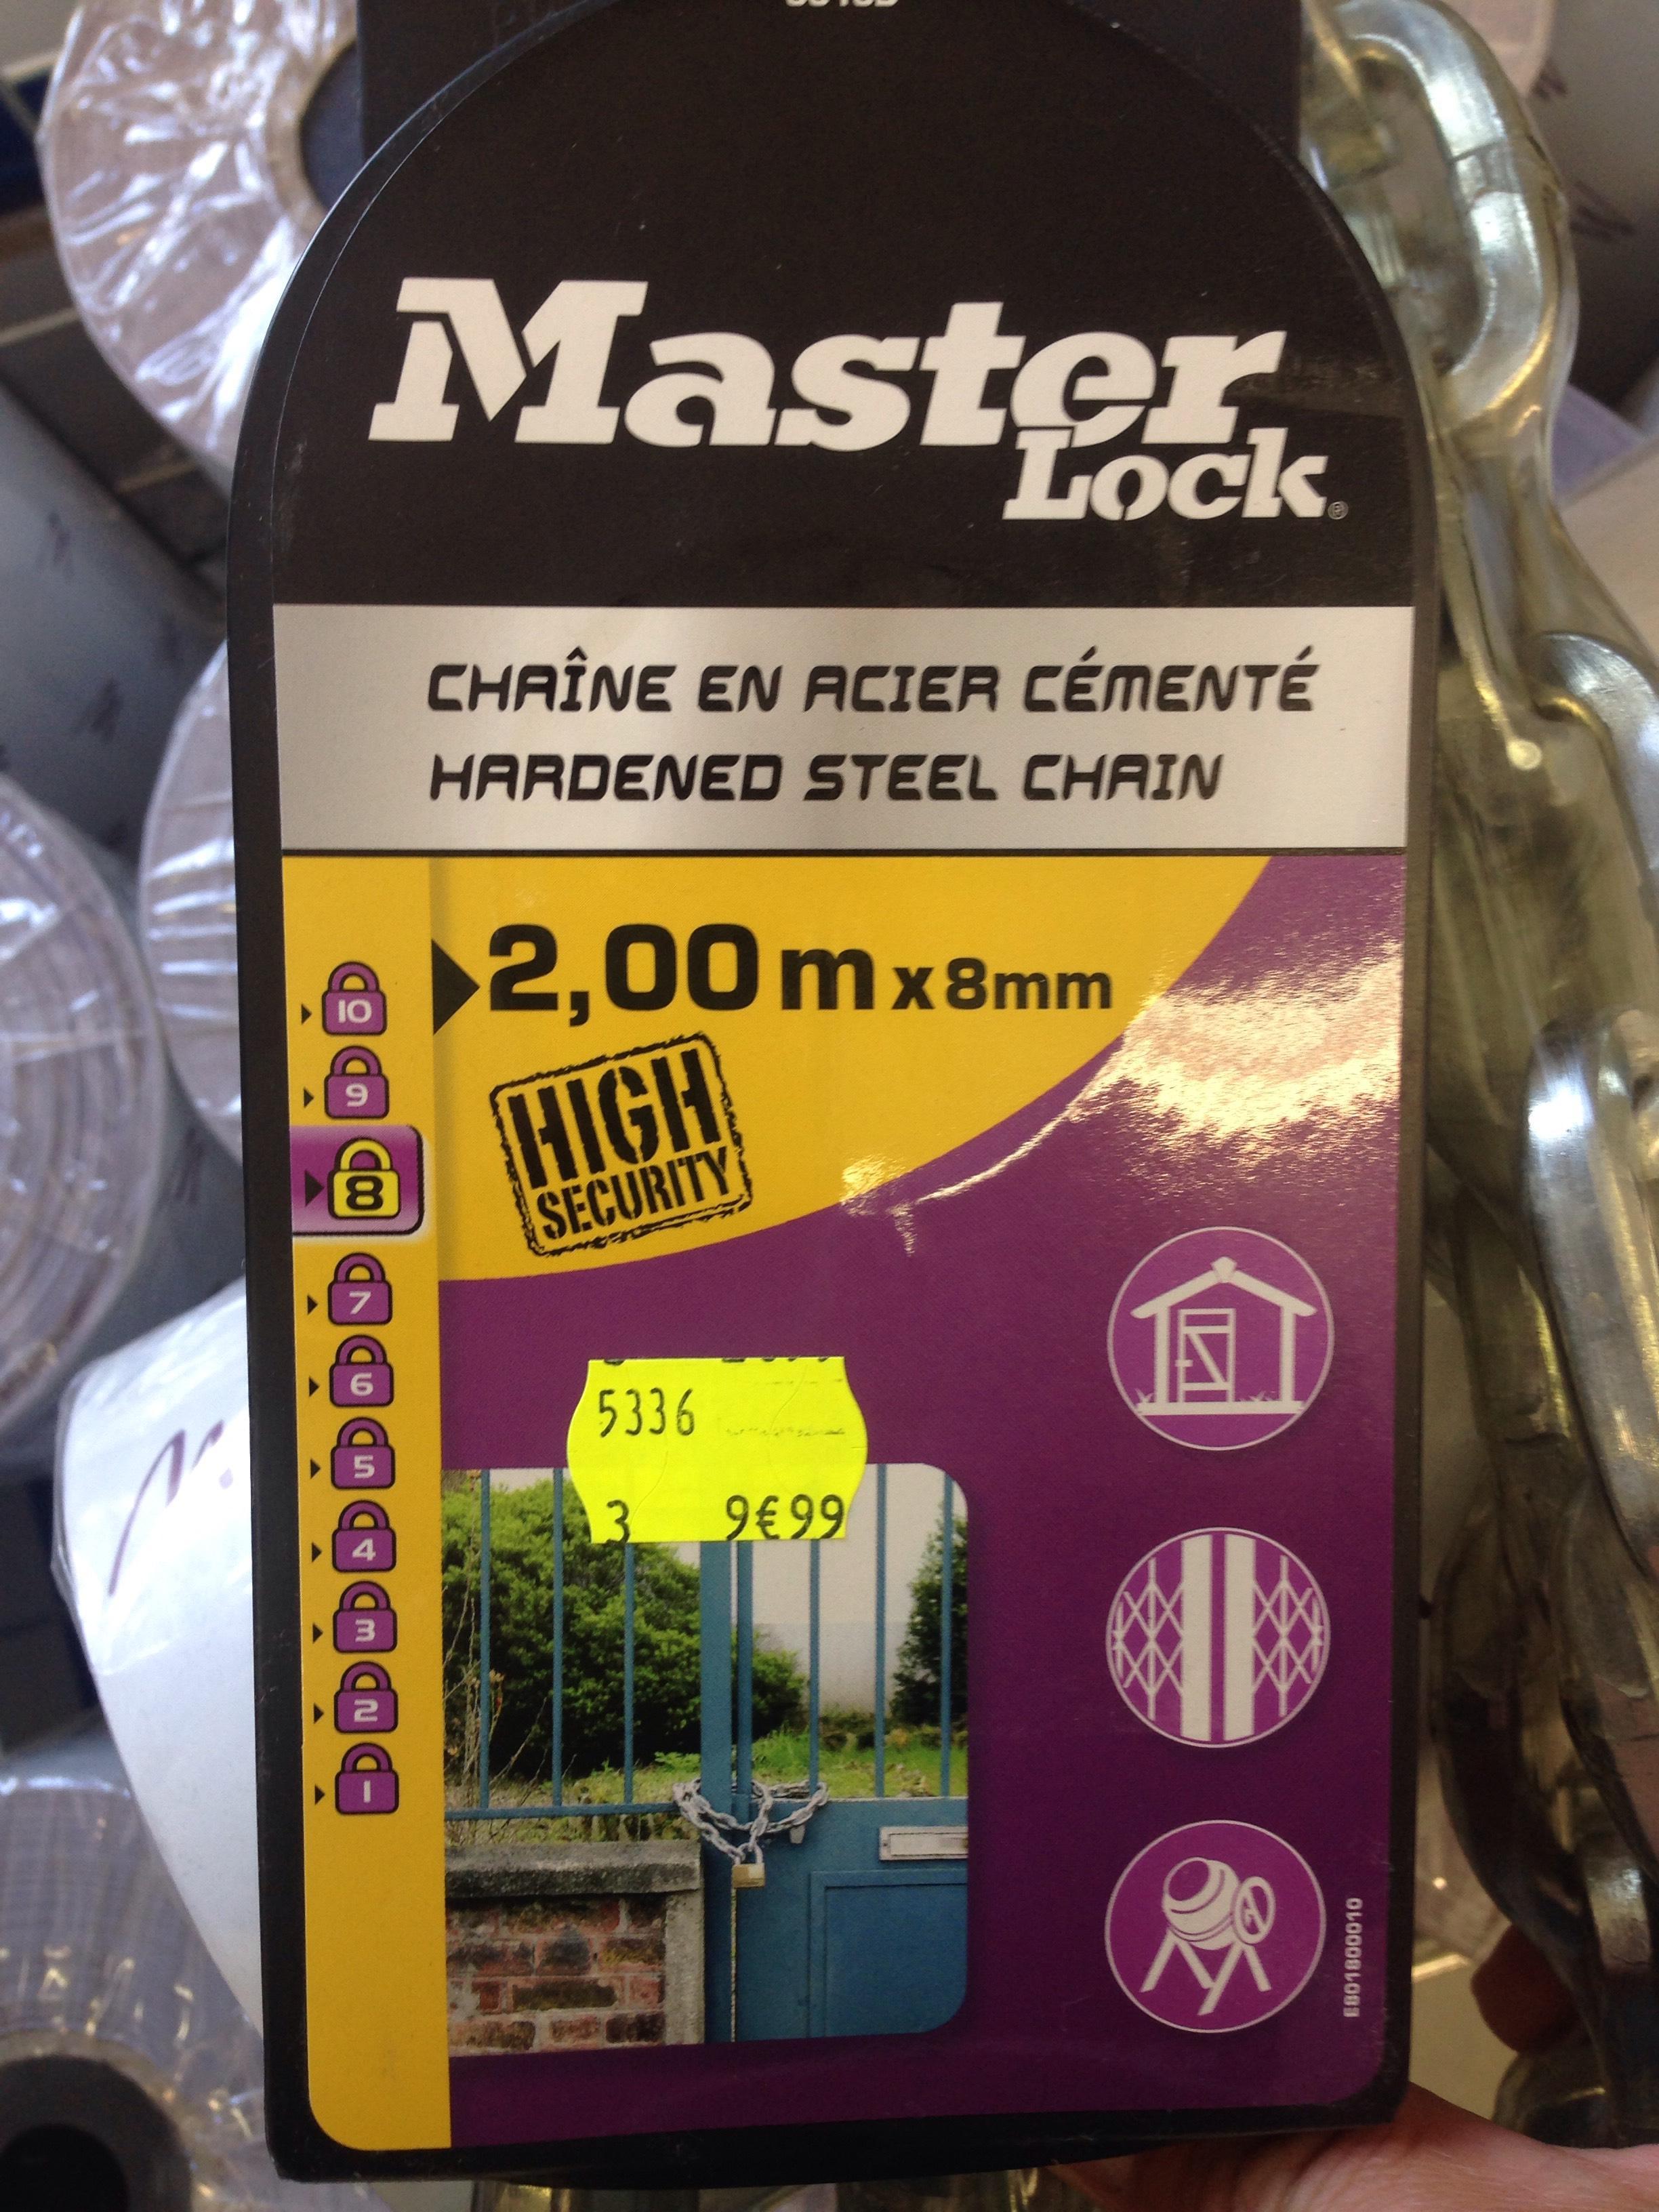 Chaîne Master Lock - 2 m, en acier cémenté